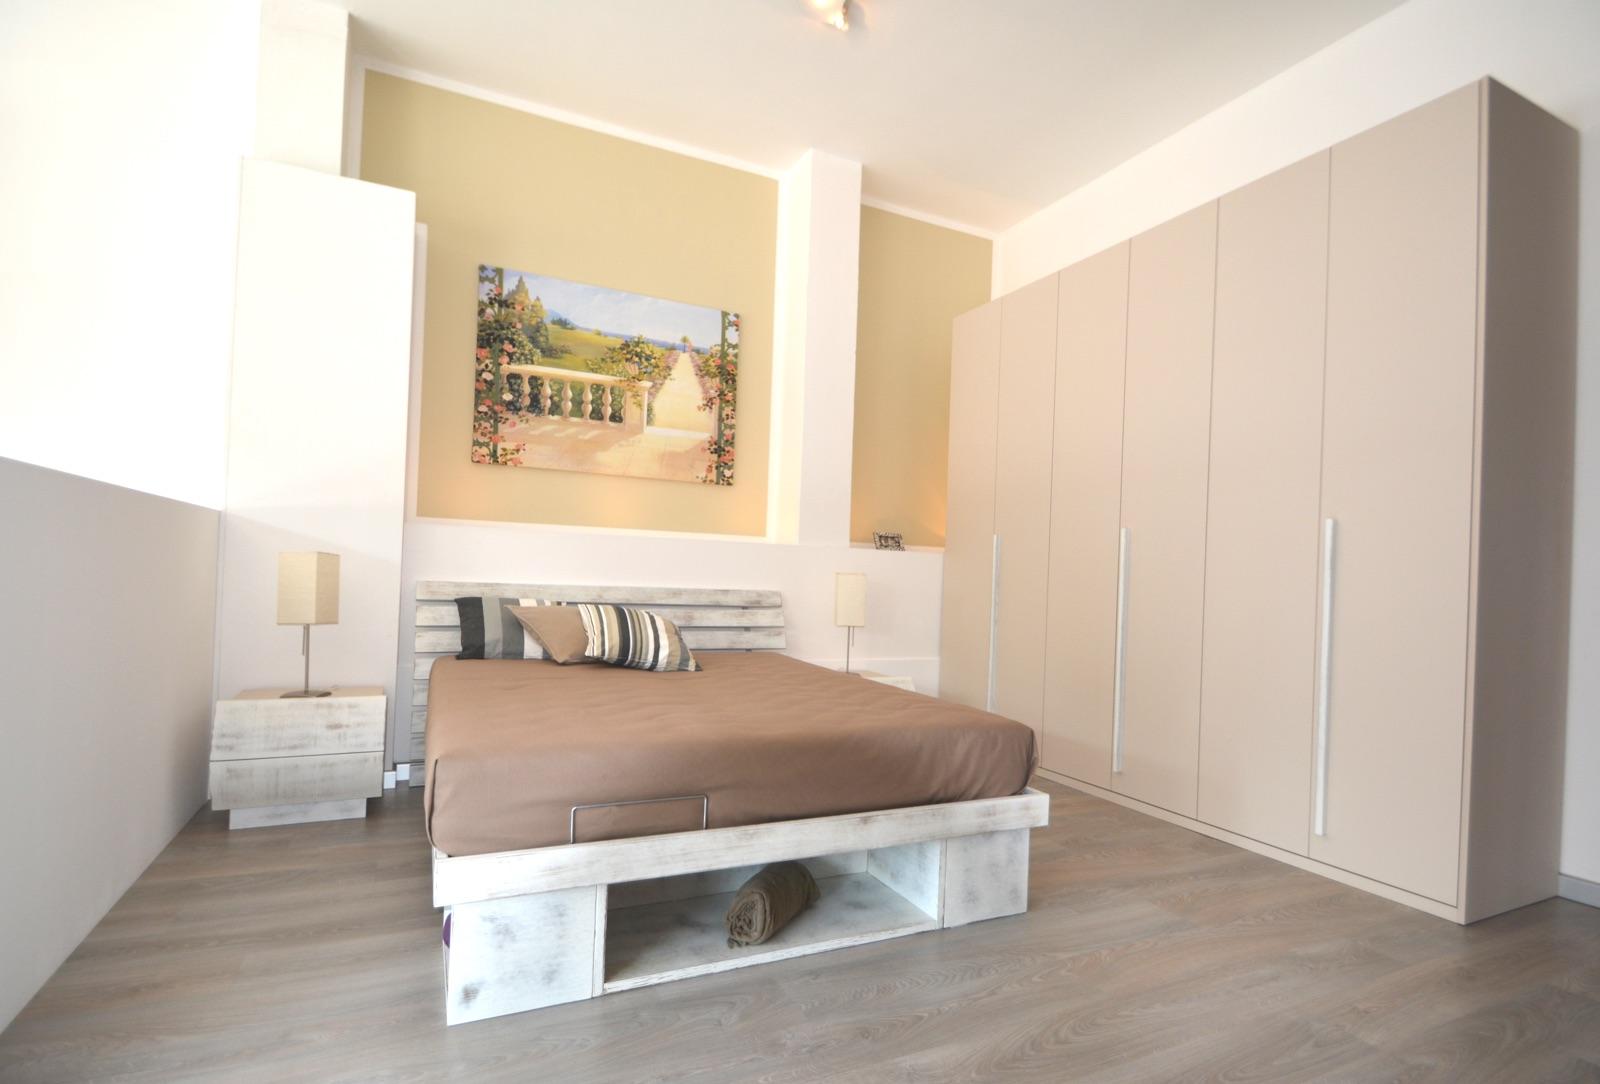 Produzione camere da letto brianza sde arredamenti for Arredamenti in brianza